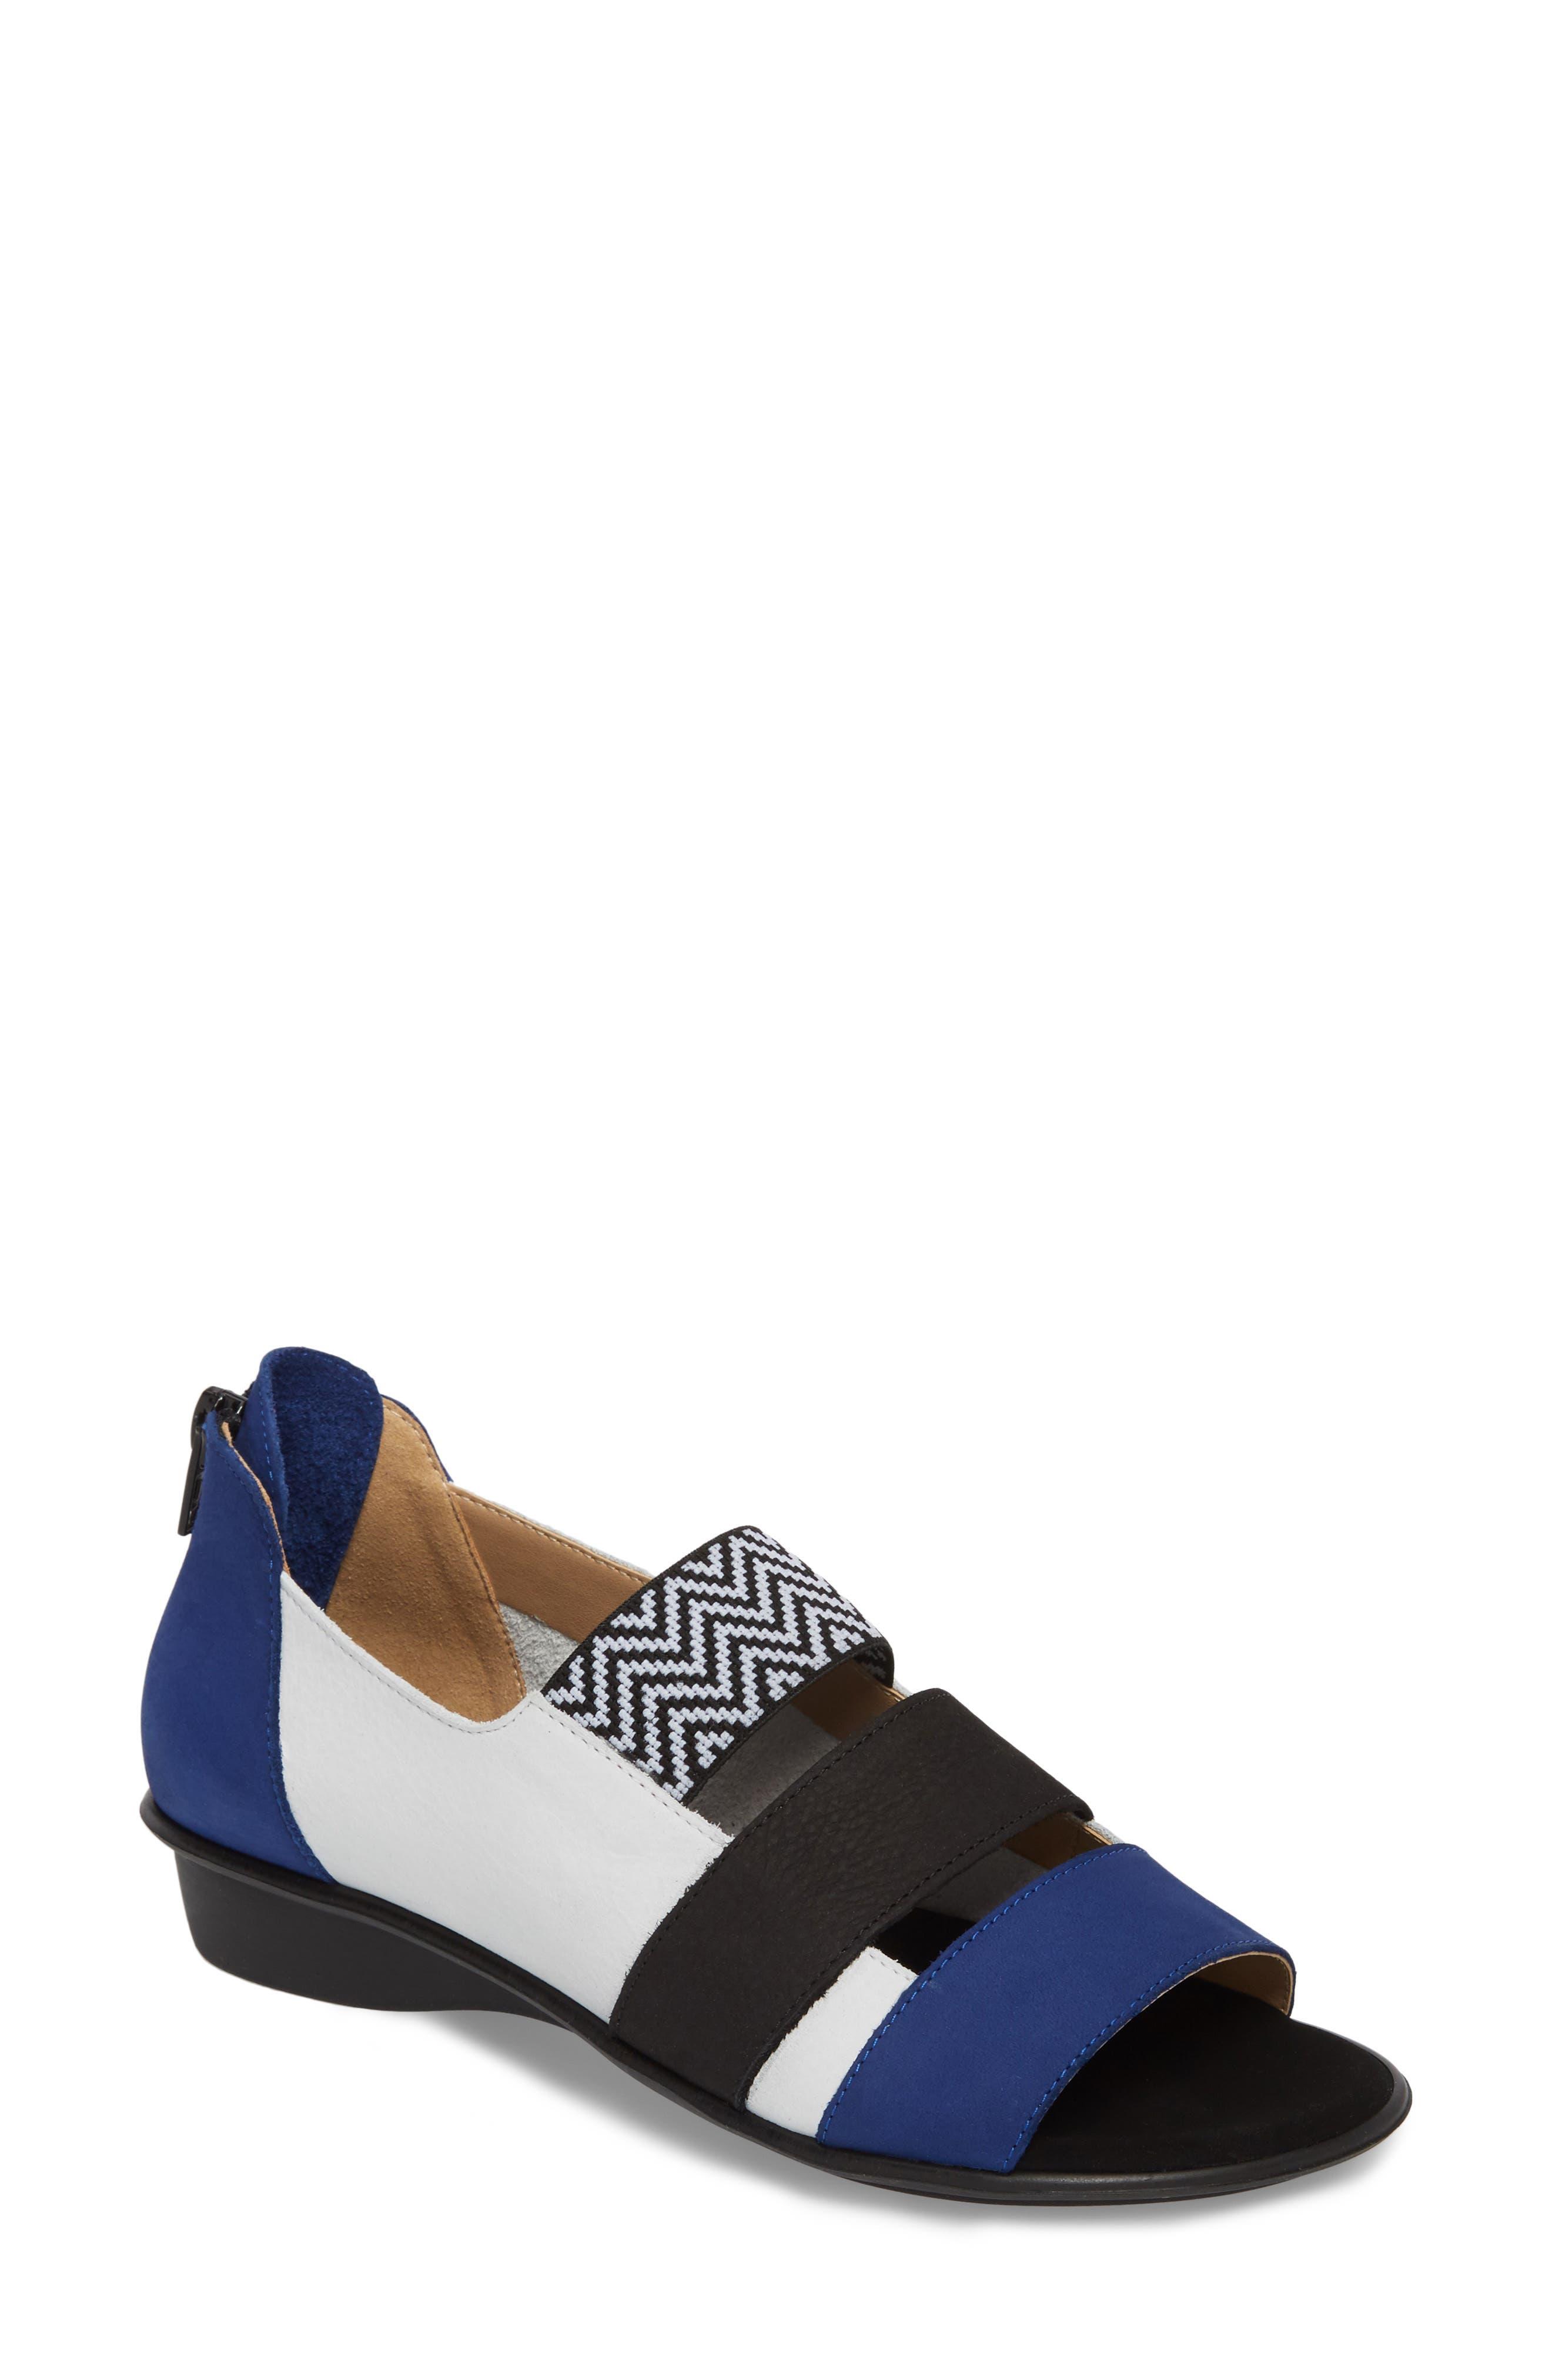 Elise Peep Toe Sandal,                         Main,                         color, 100